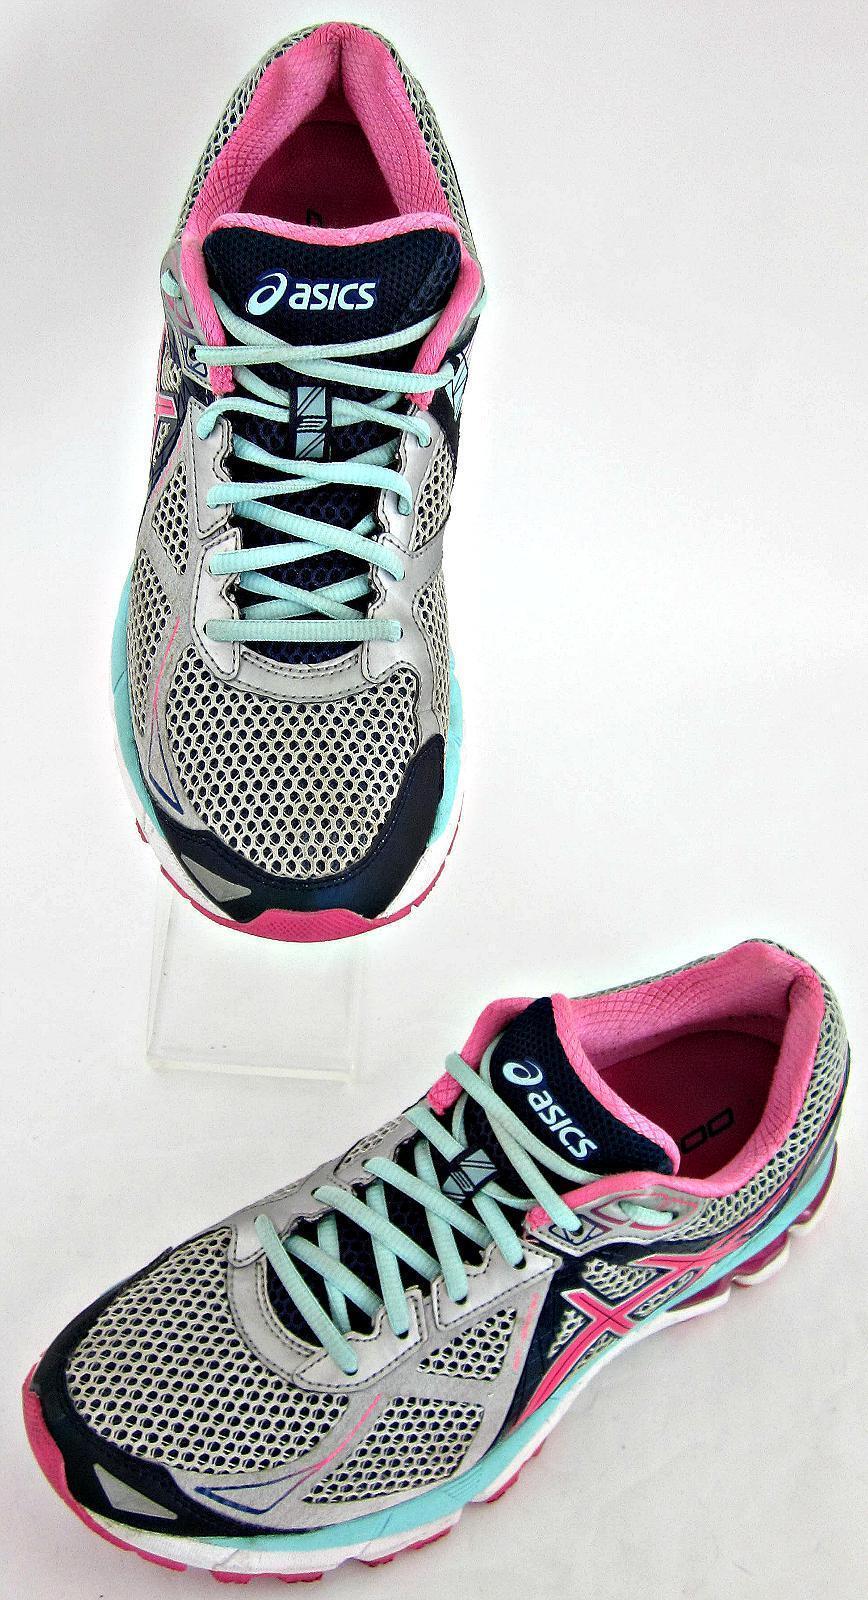 Asics GT-2000 3 Damenschuhe Running Schuhes Lightning Hot Pink Navy Sz 11